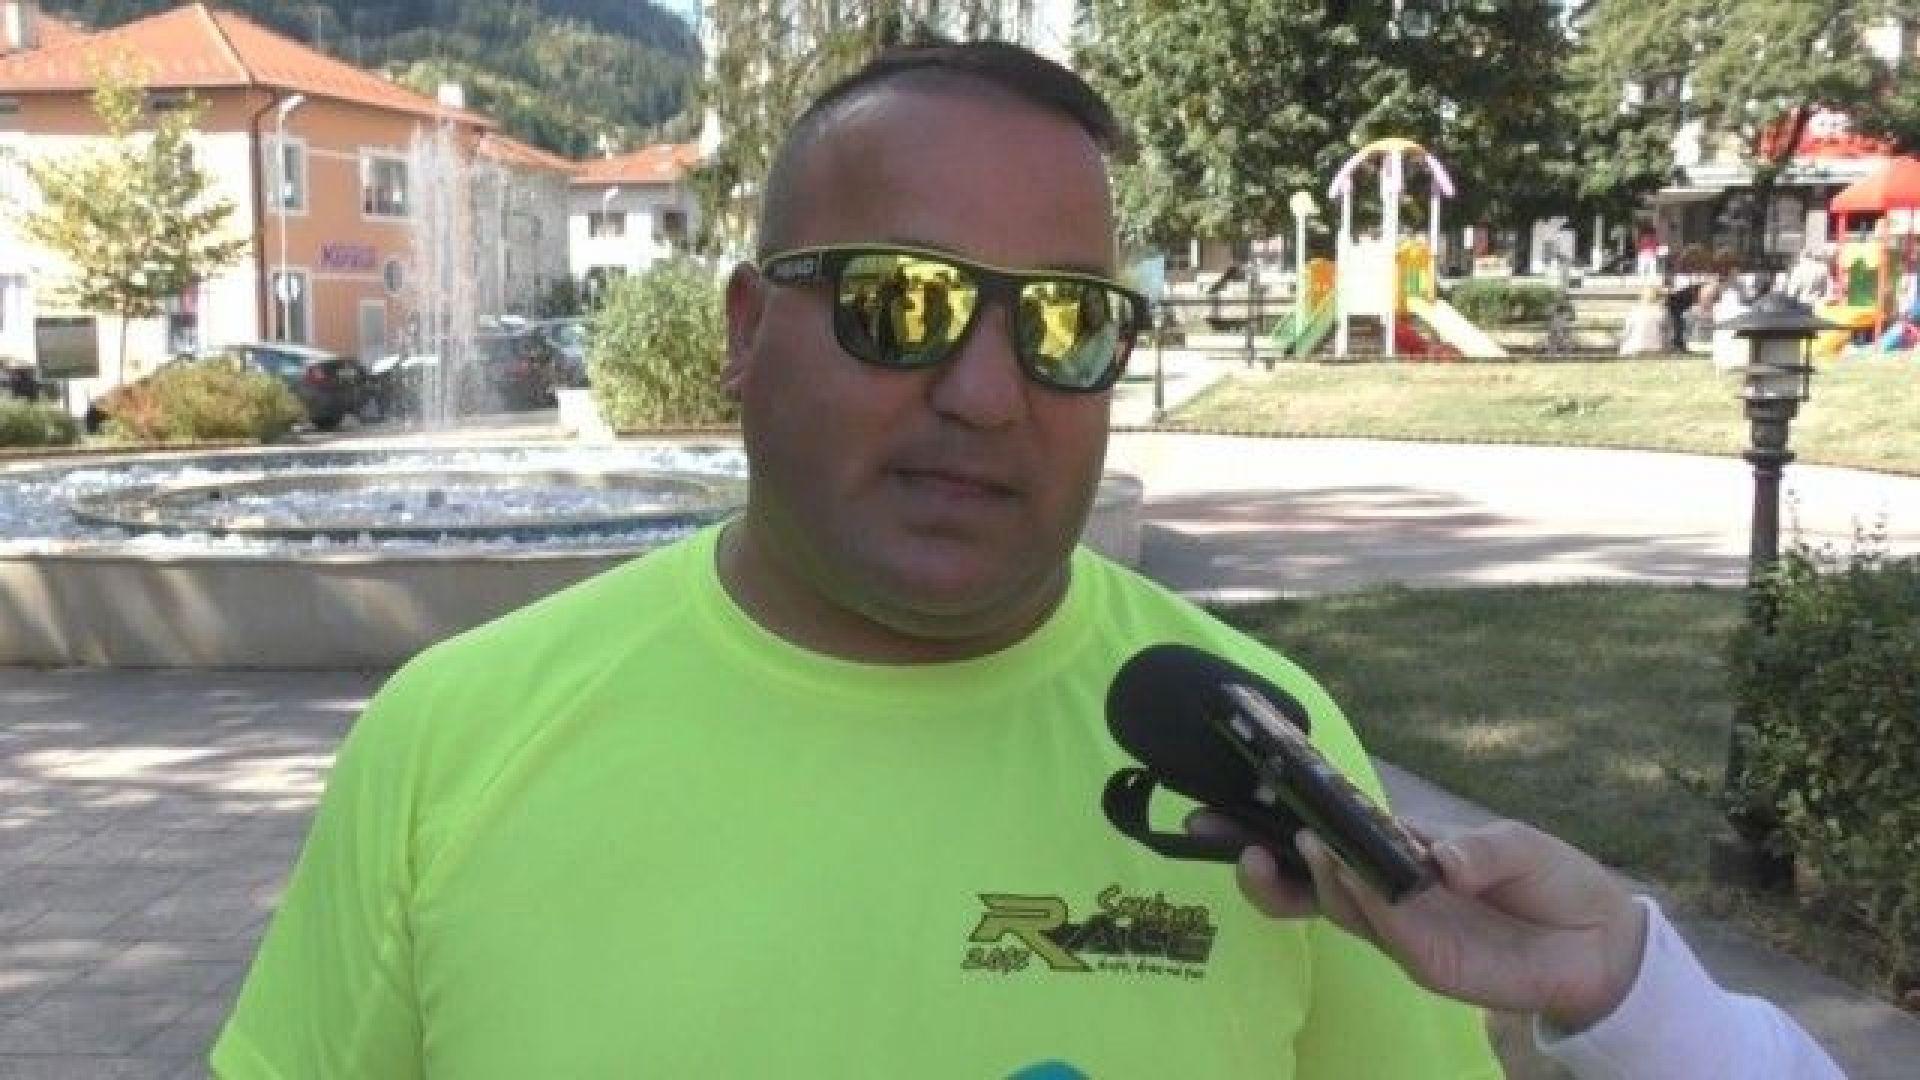 Българка от Канада дари 1500 евро на родопчанин, върнал изгубен портфейл